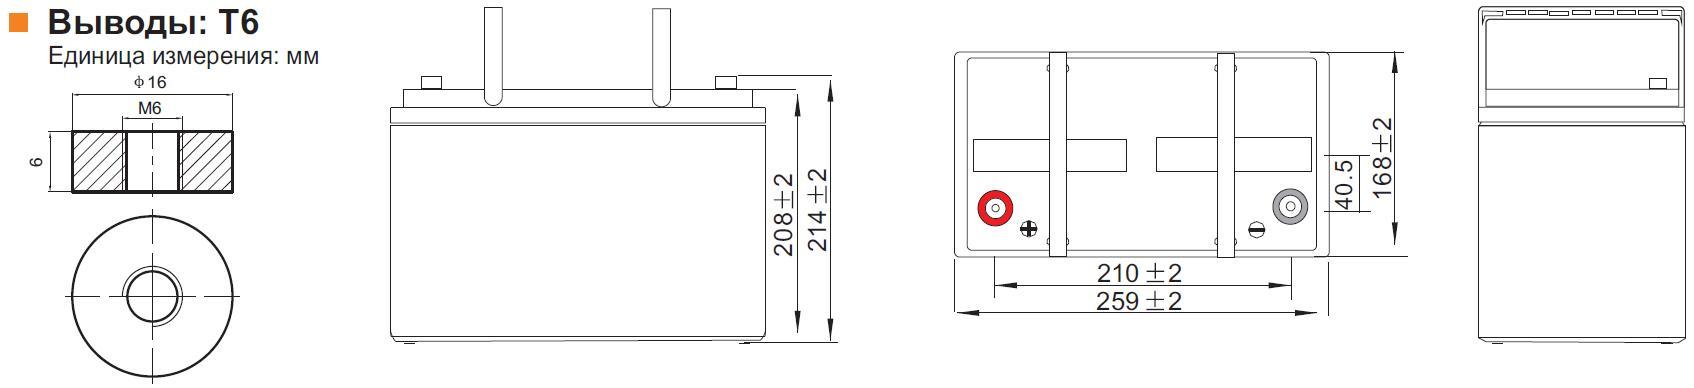 Габариты и тип клемм аккумулятора Leoch DJM 1275H